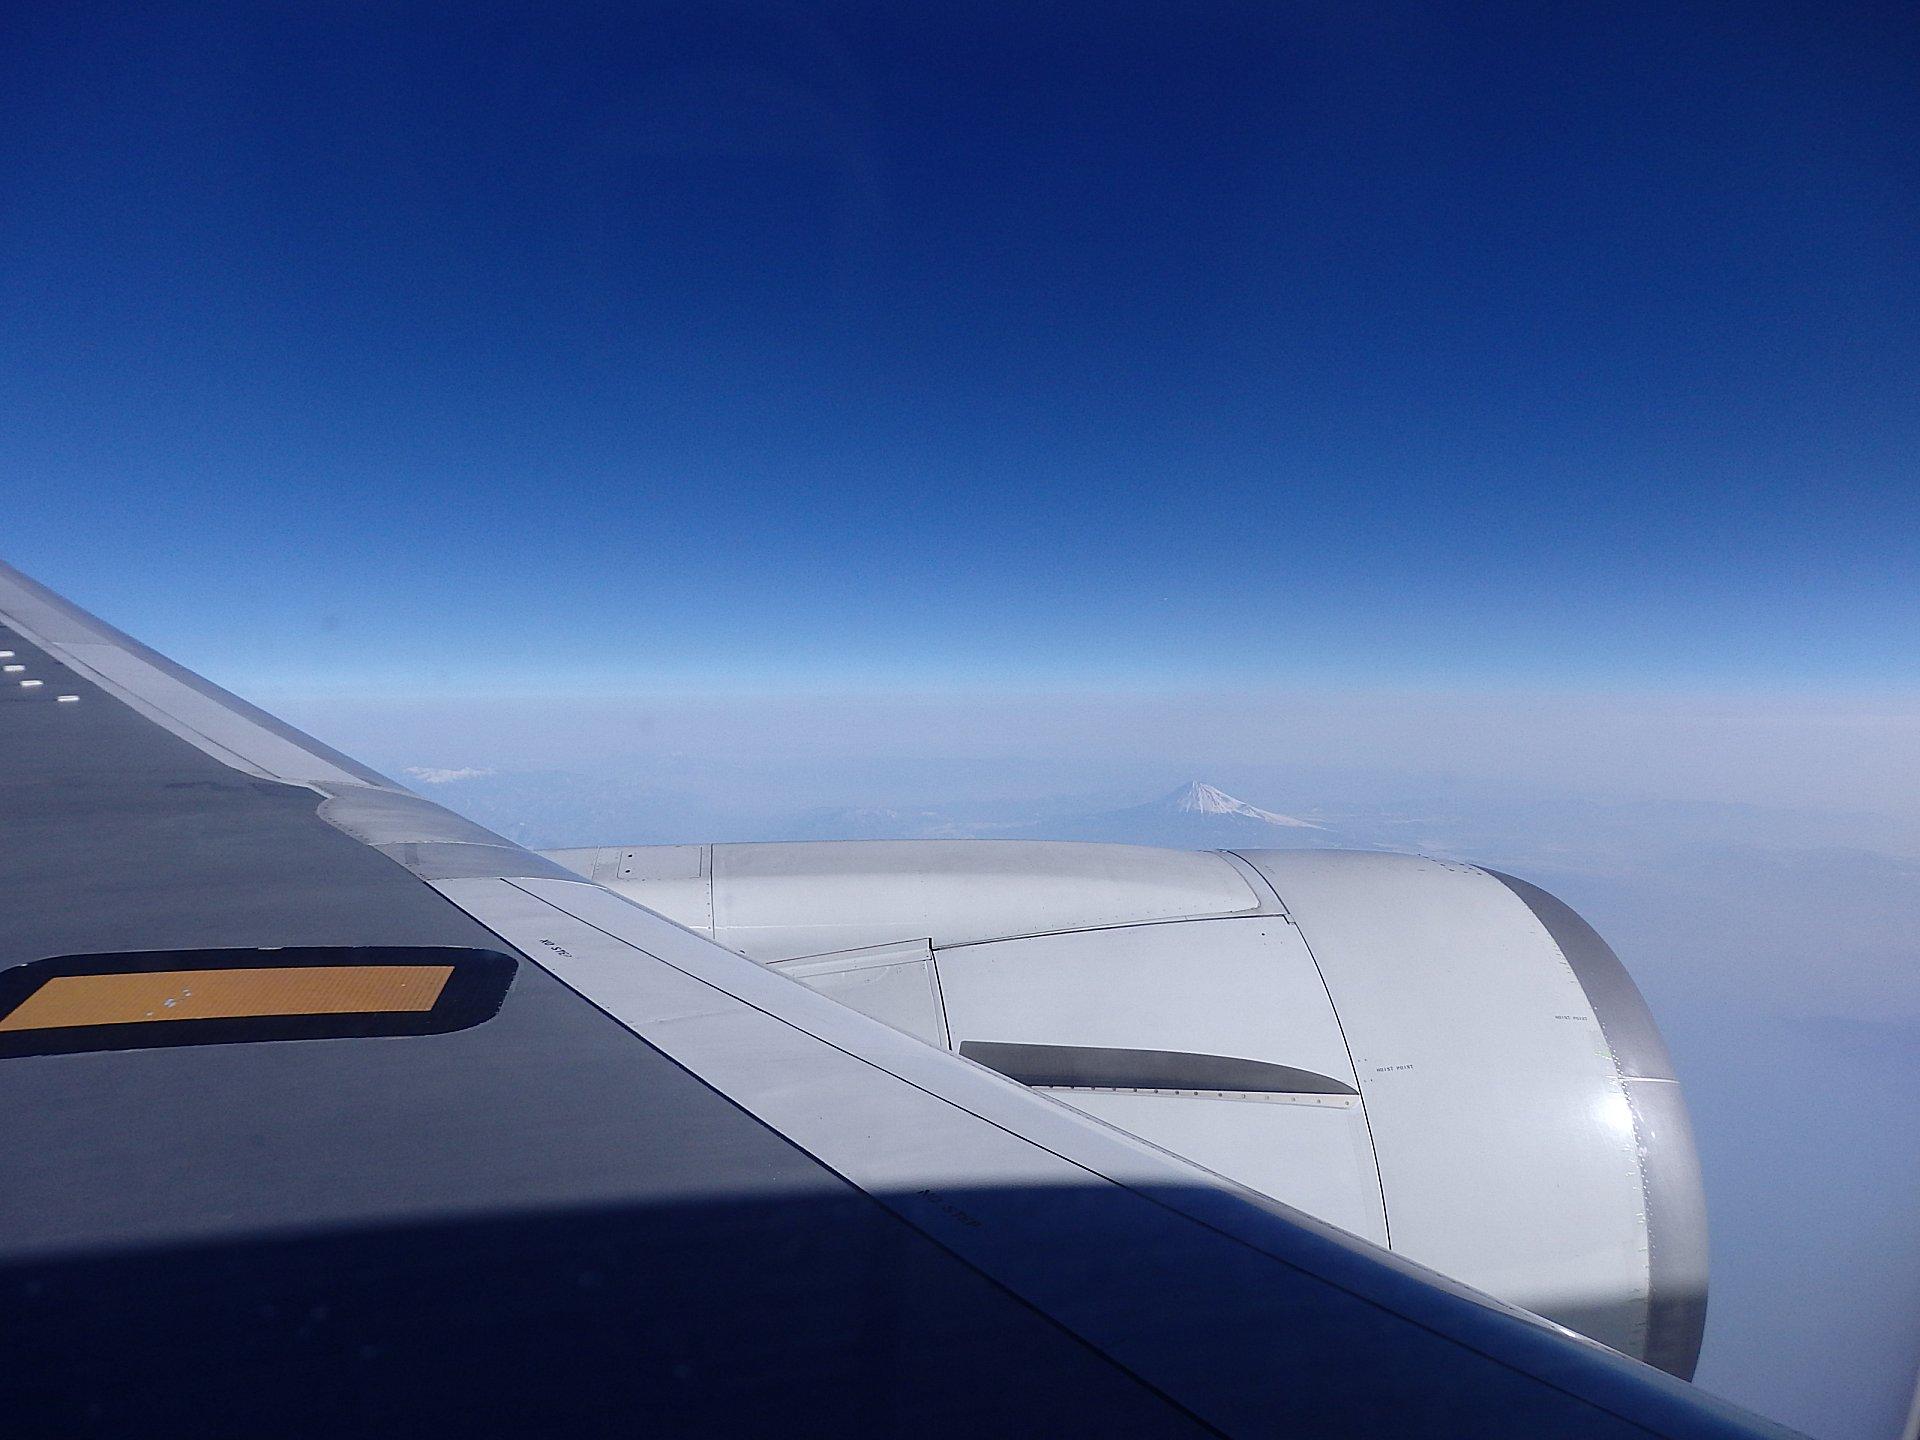 富士山や南アルプスがPM2.5の靄の中から頭を出しています。